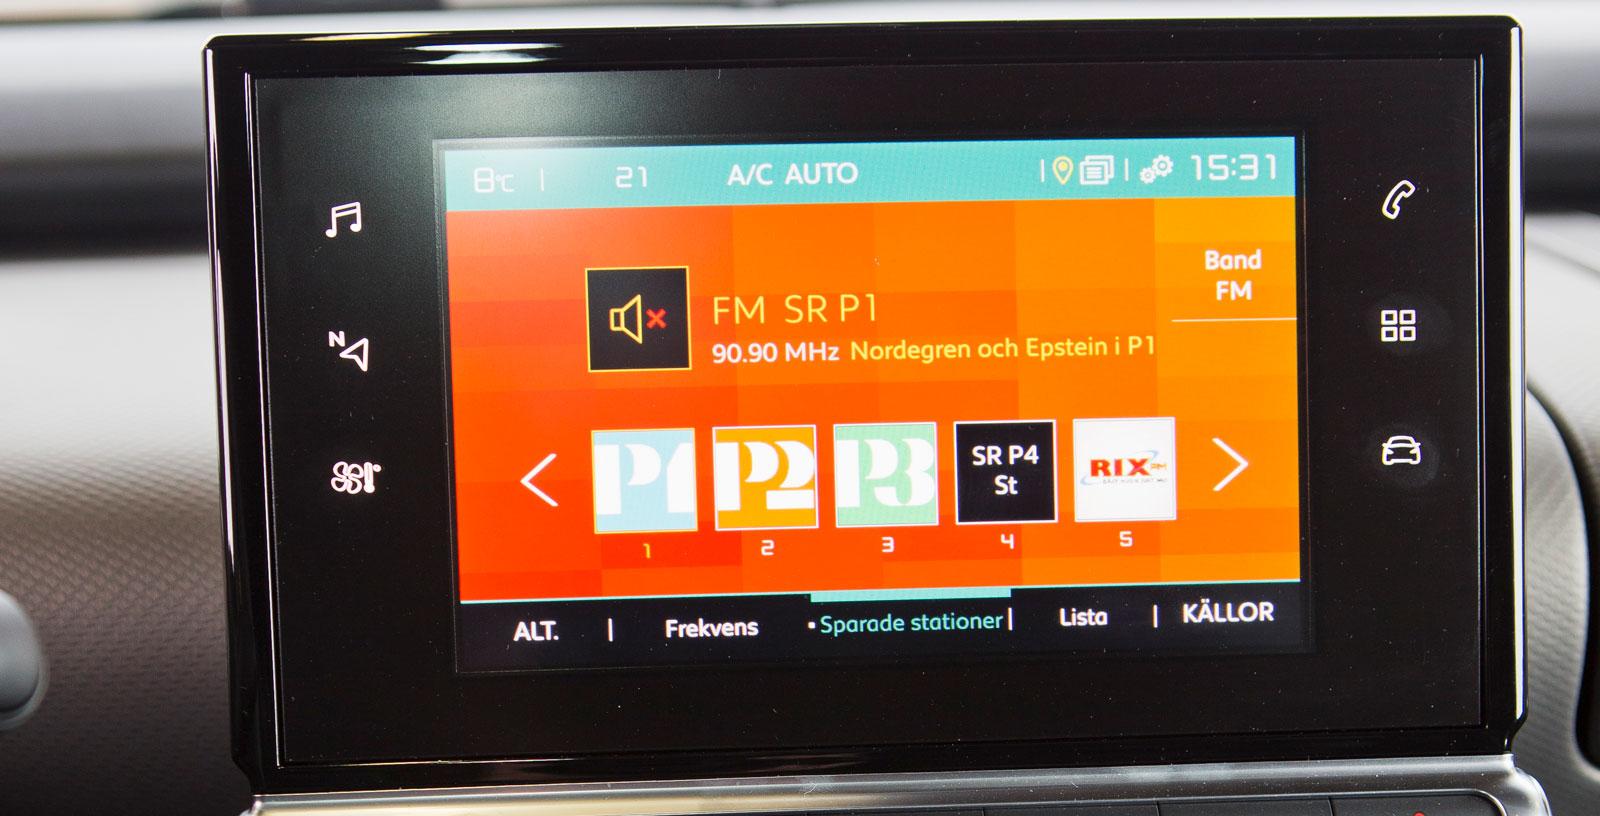 Citroëns pekskärm är lite långsam i reaktionerna och systemet börjar kännas lätt föråldrat. Även flera bilfunktioner – bland annat värme/ventilation – sköts via skärmen.